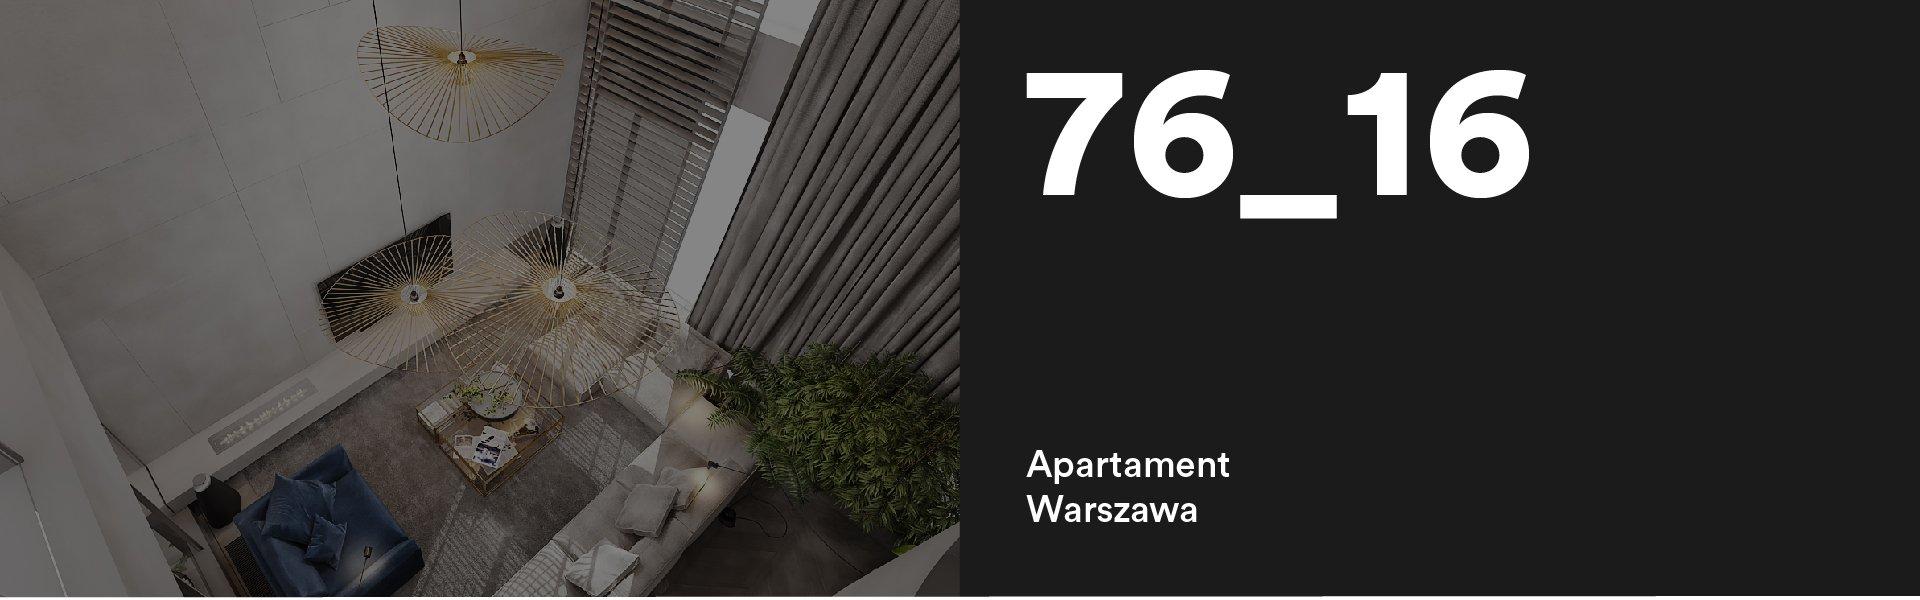 76_16 Wnętrze apartamentu na Złotej w Warszawie